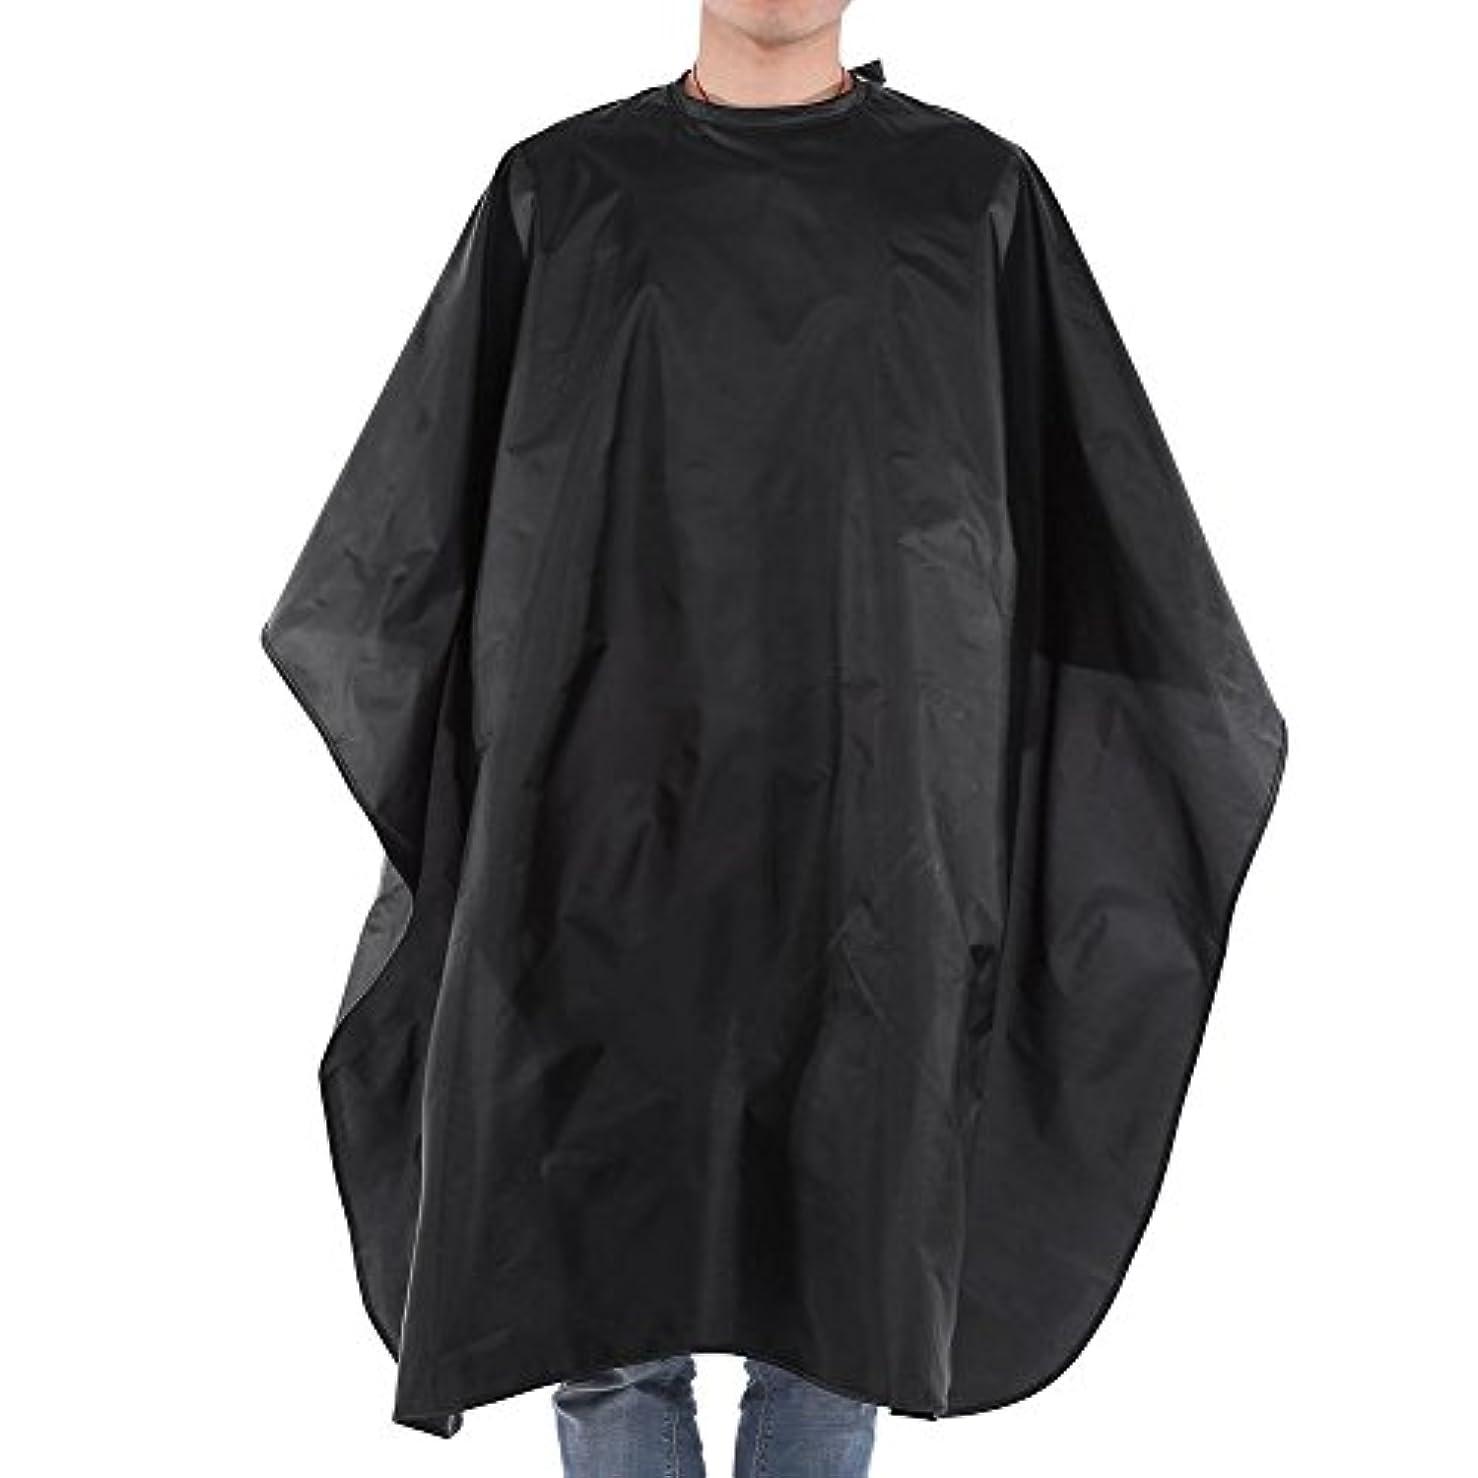 理容室スタイリングケープ、ブラックサロンヘアカット理髪理髪店ケープガウン大人の布防水スナップクロージャー59×47インチ